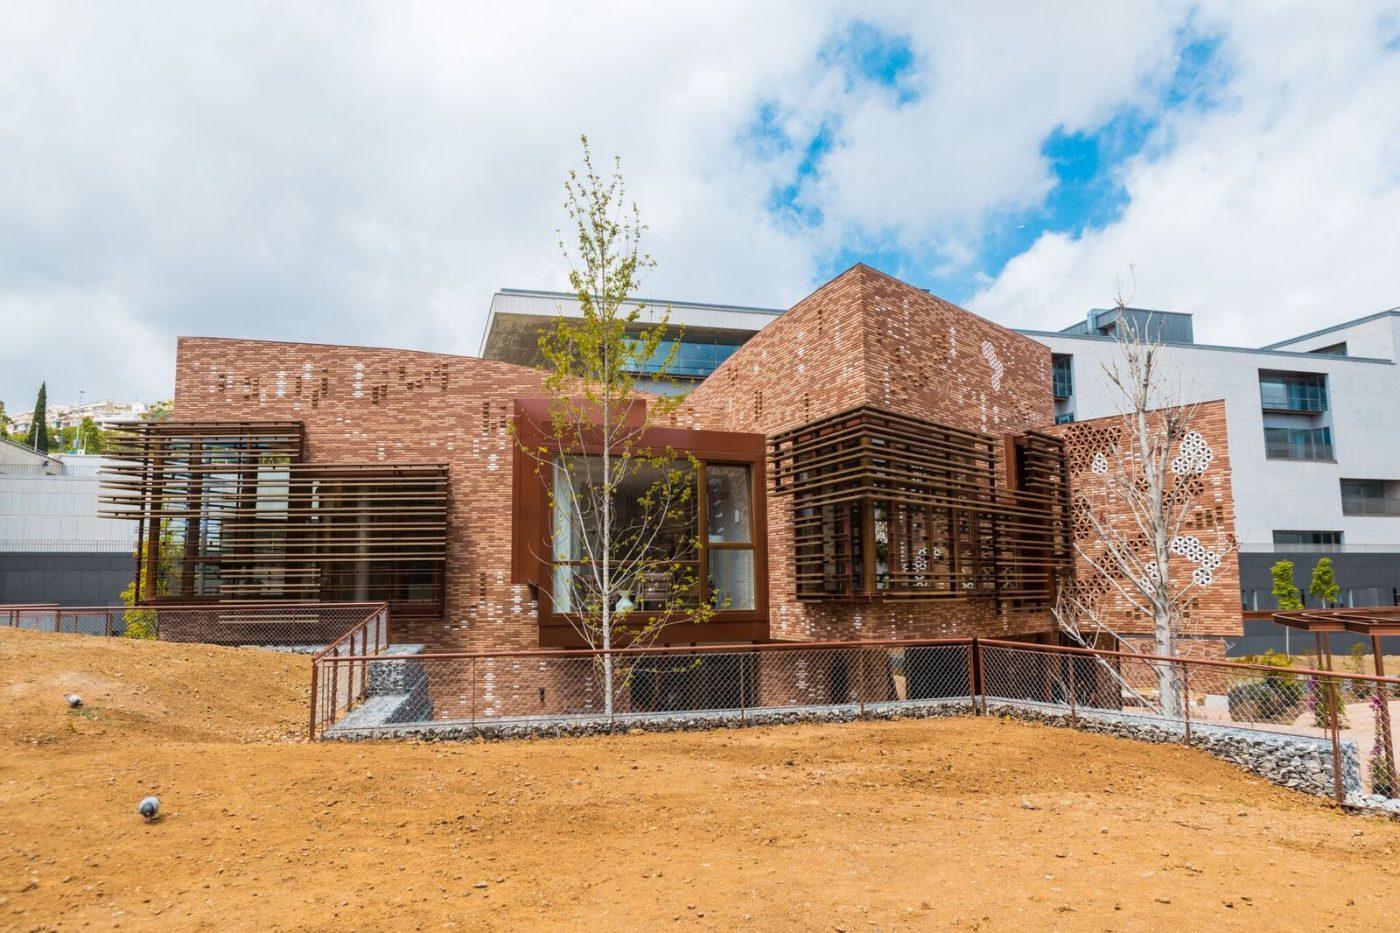 AHEC participa con madera de tulipwood termotratado en el nuevo edificio Kálida Sant Pau de Barcelona